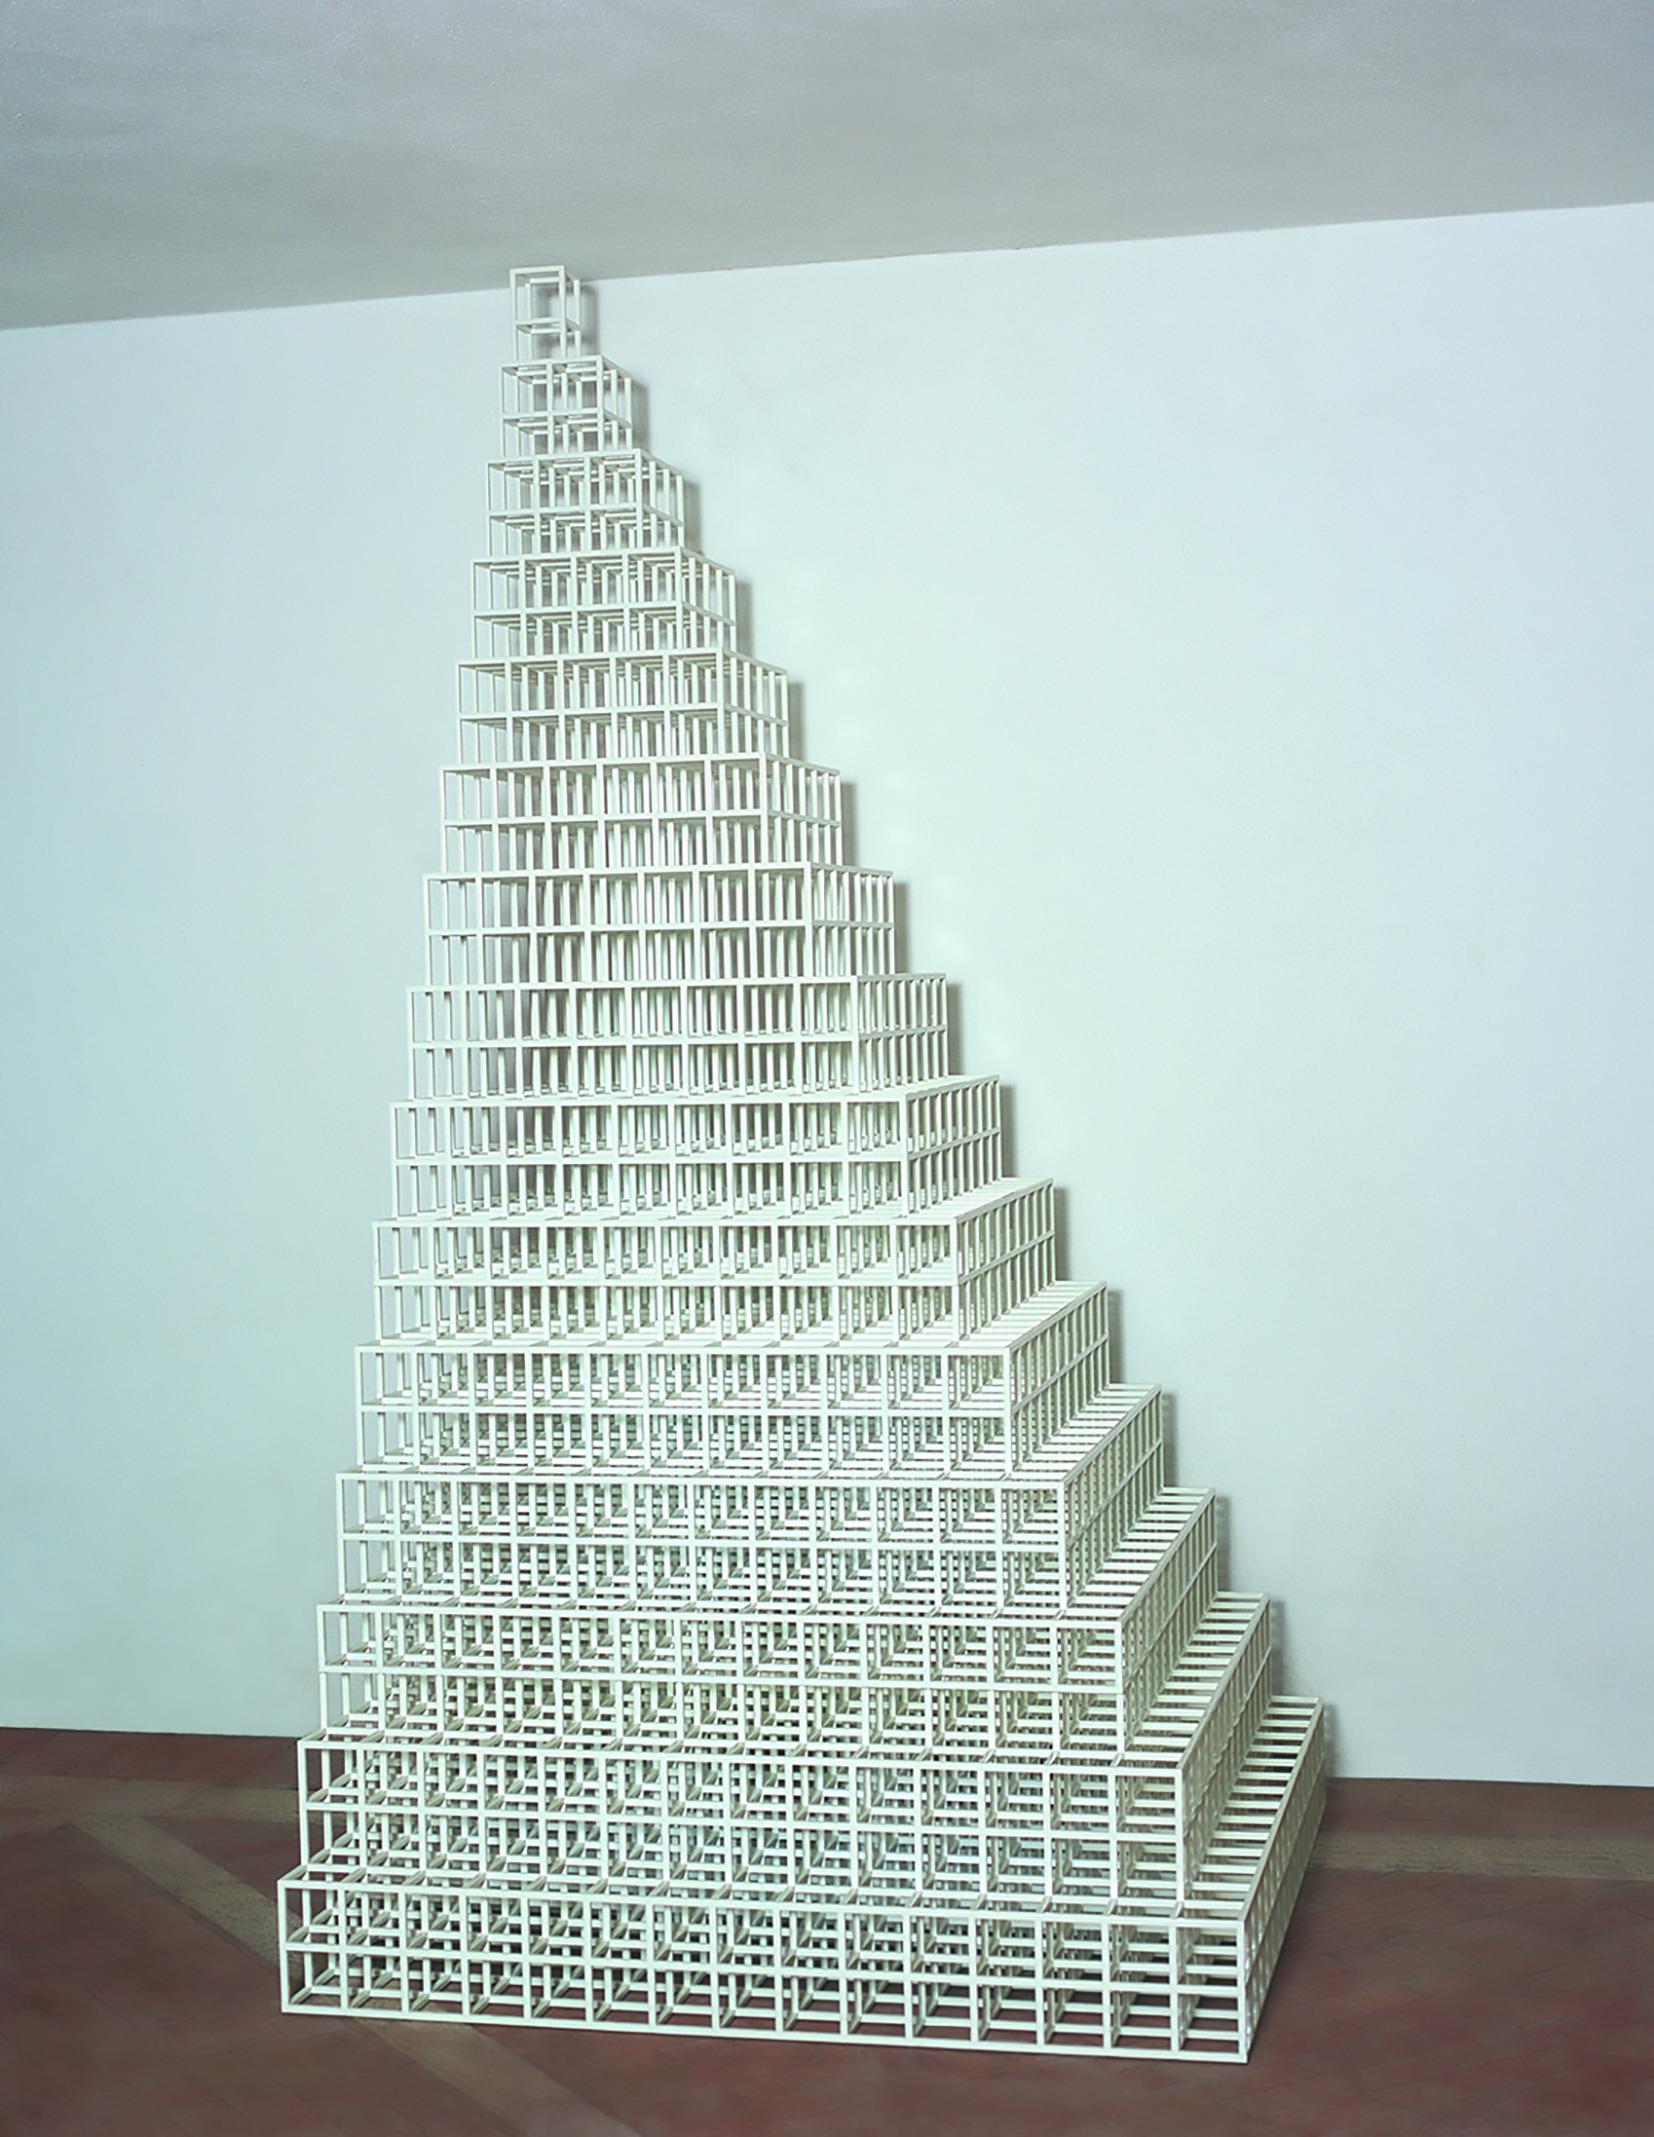 Sol Lewitt The Irregular Tower Art Basel